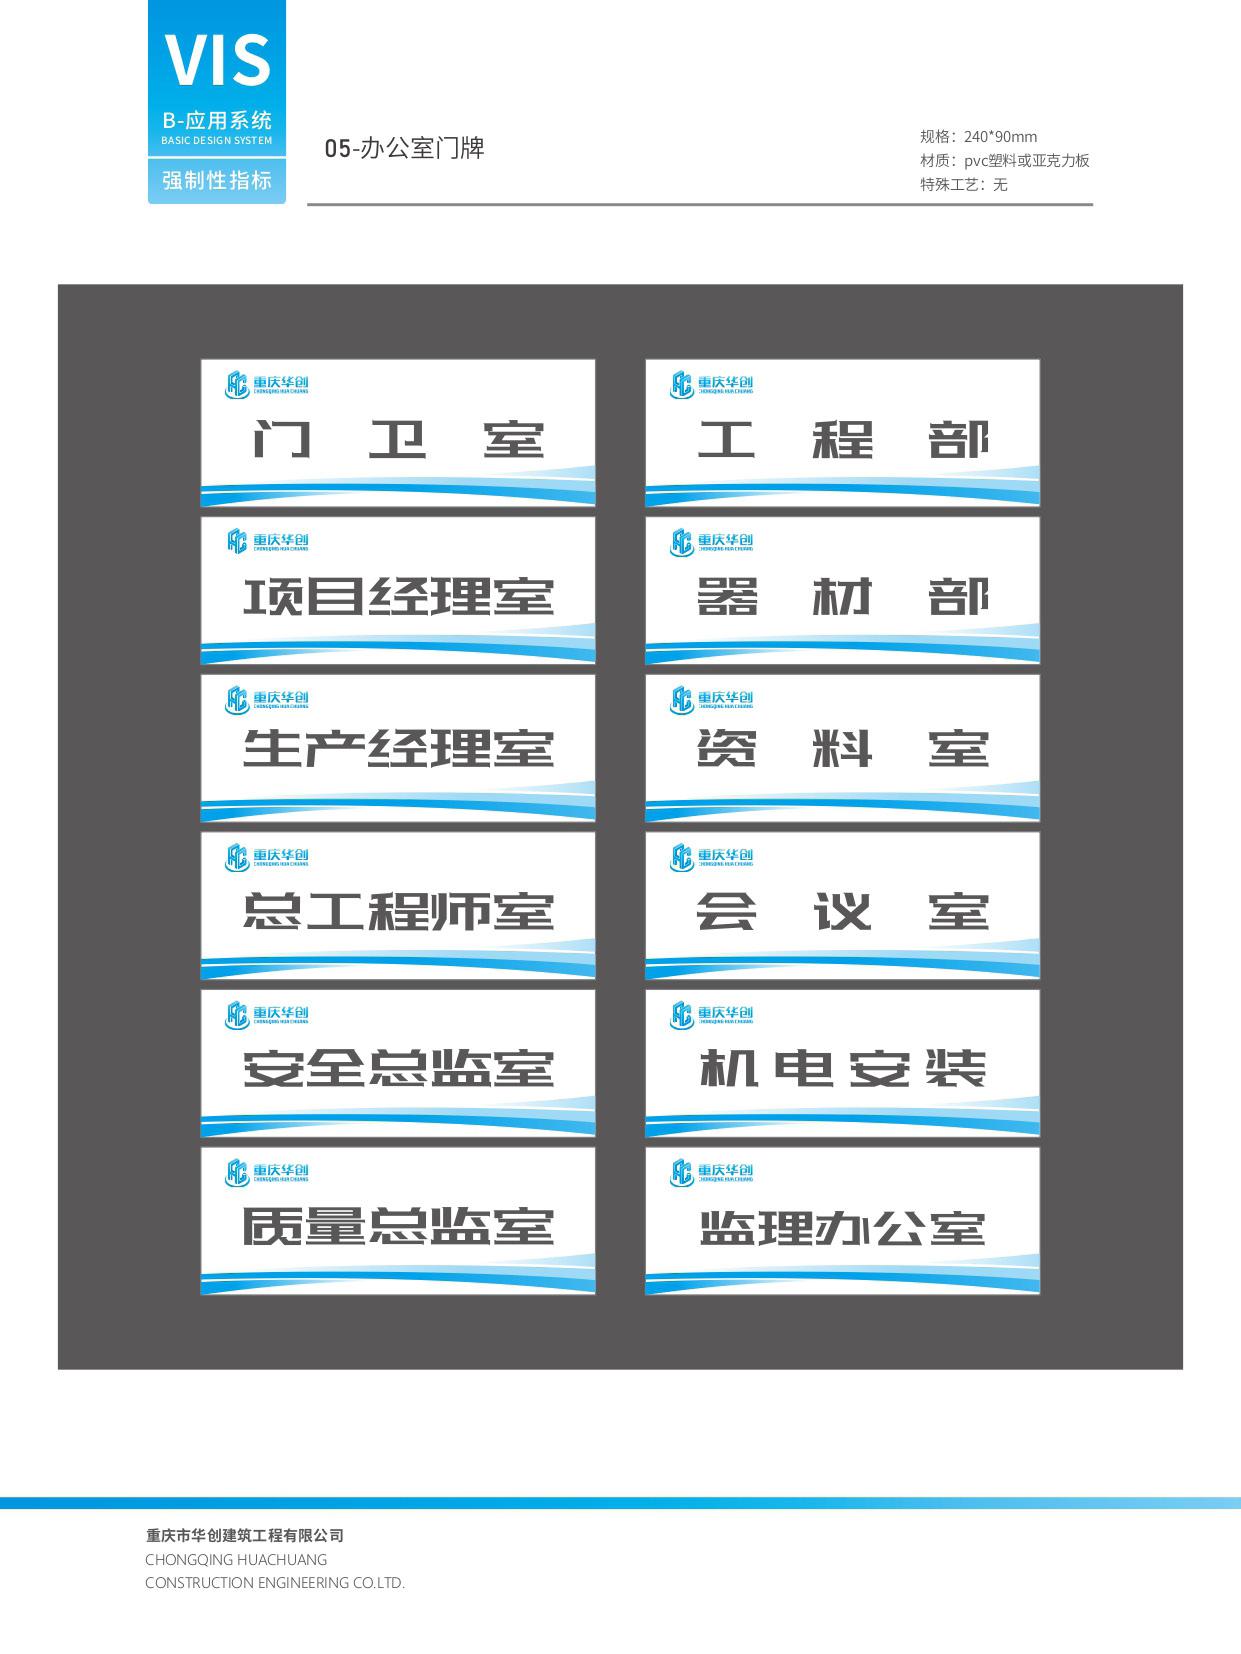 華創vi_頁面_31.jpg